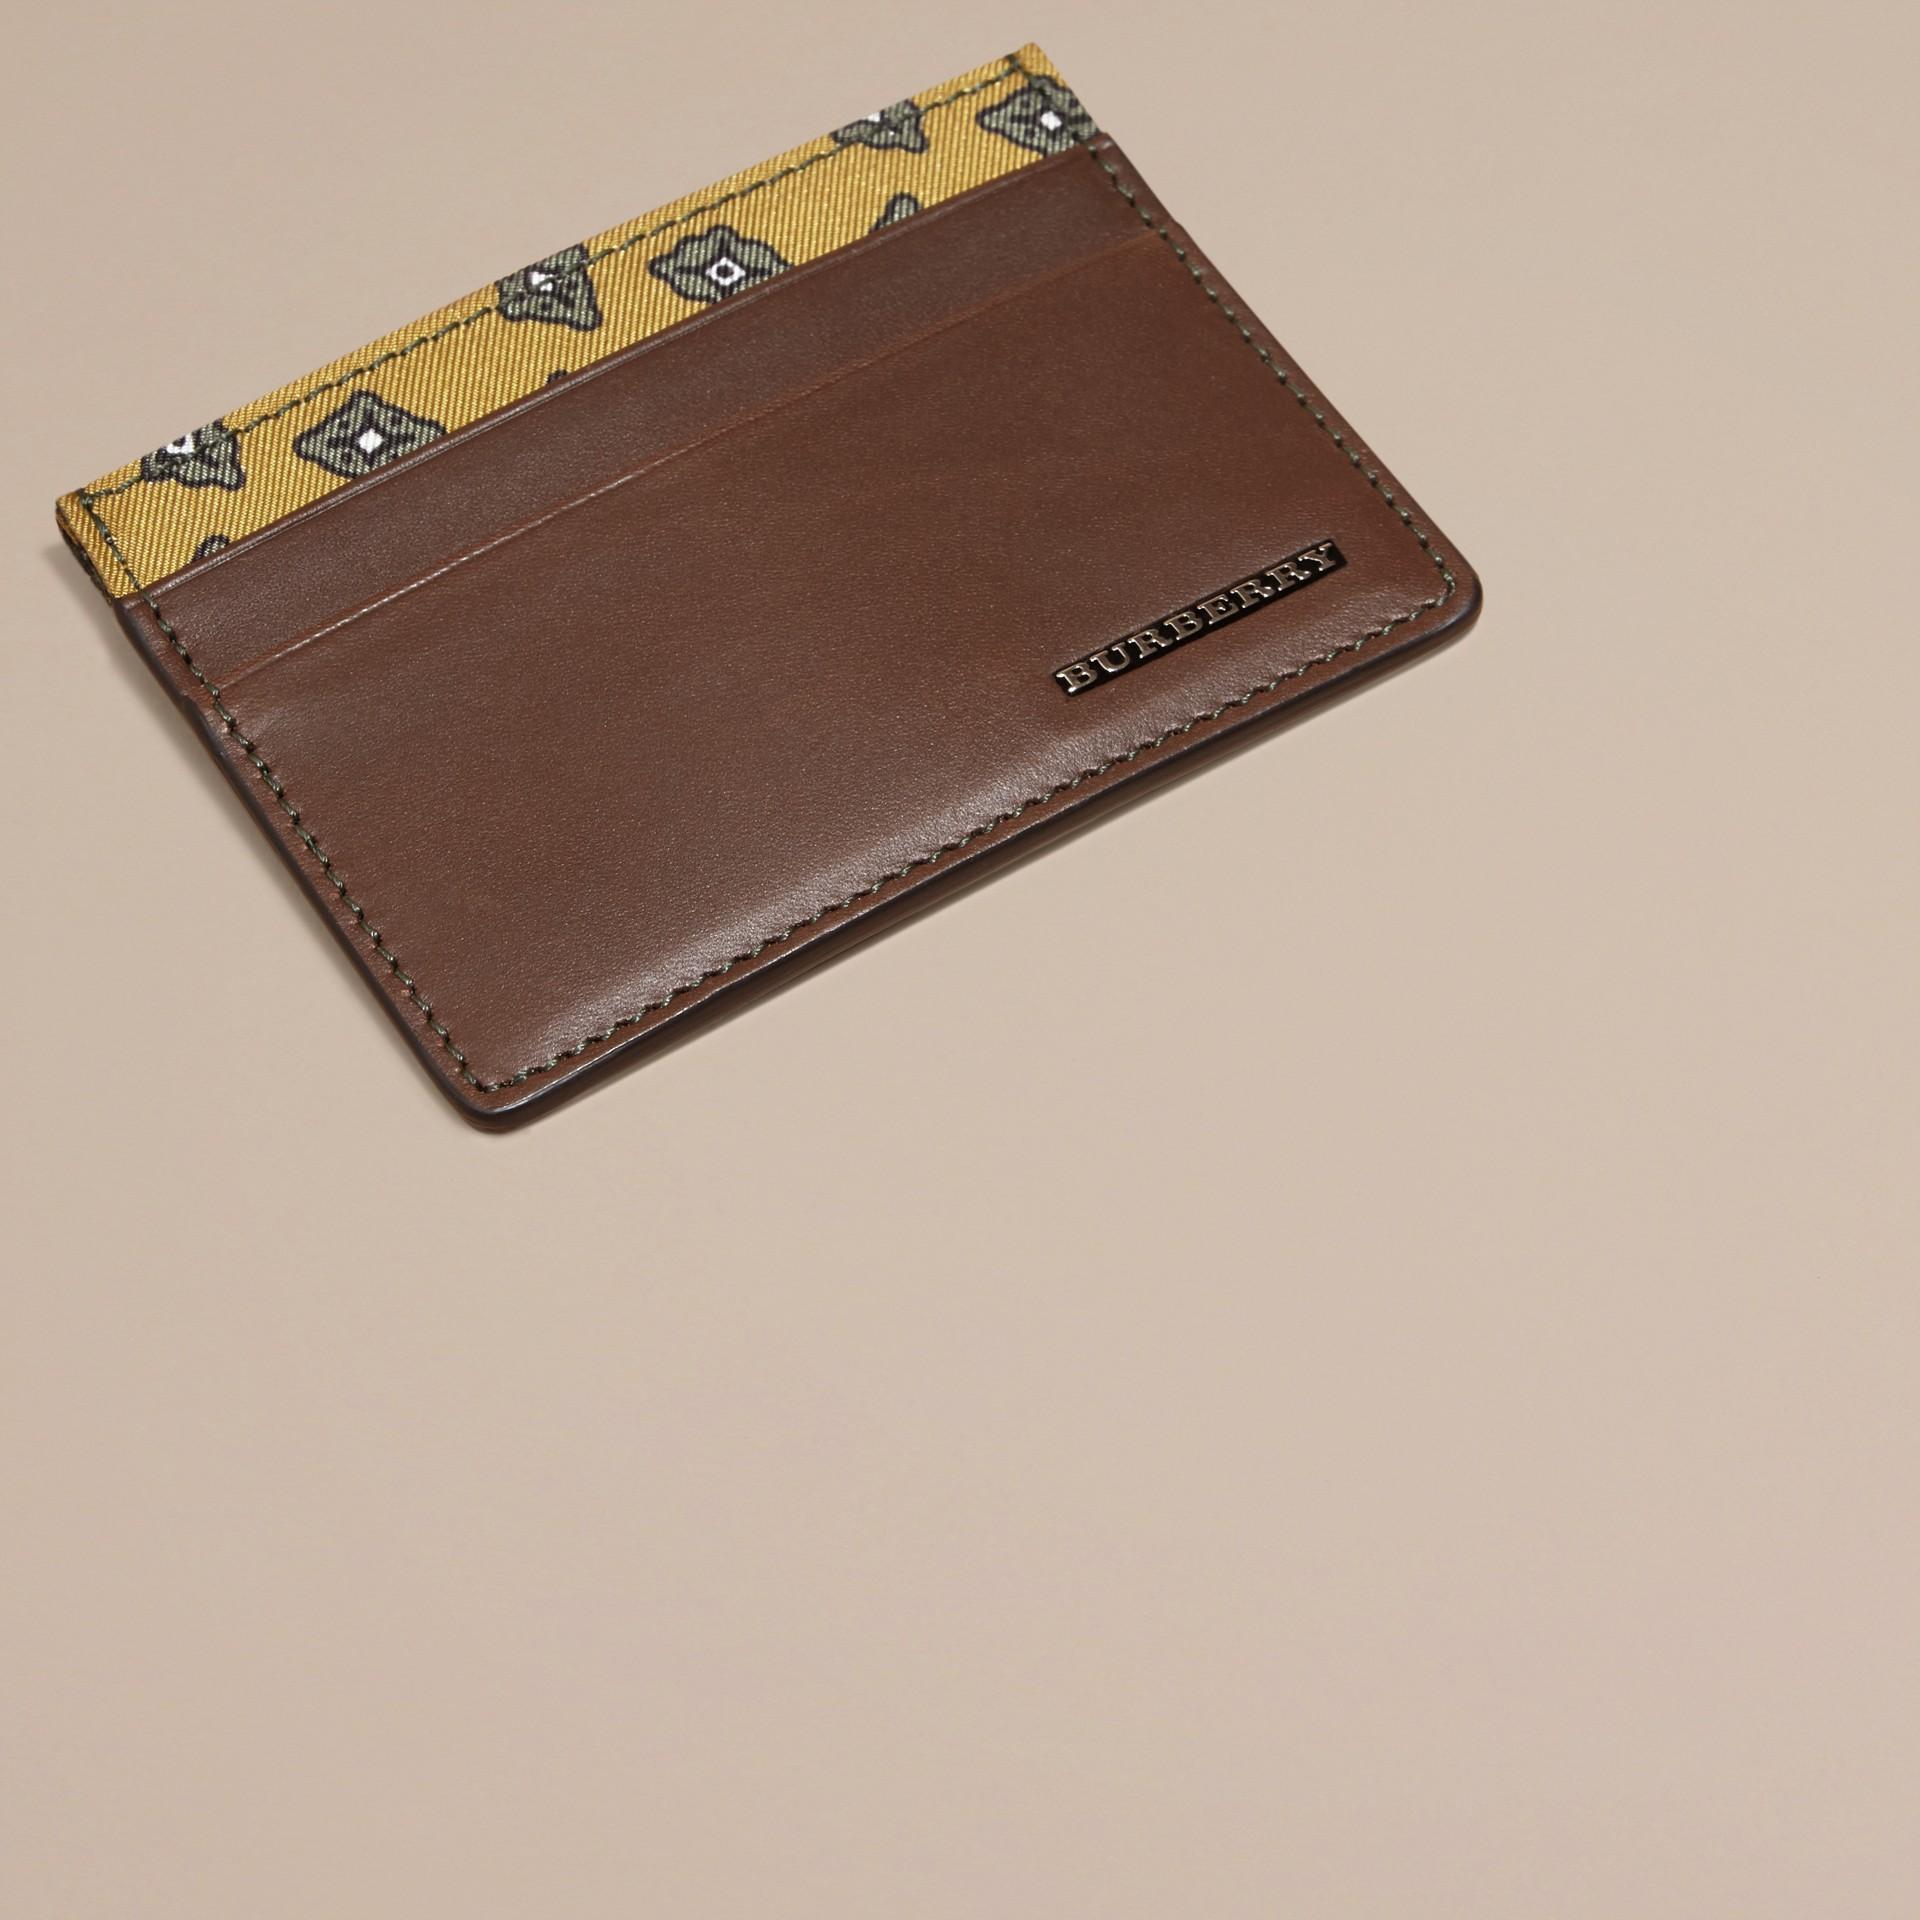 Marrone seppia Porta carte di credito in pelle con stampa geometrica a riquadri Marrone Seppia - immagine della galleria 3